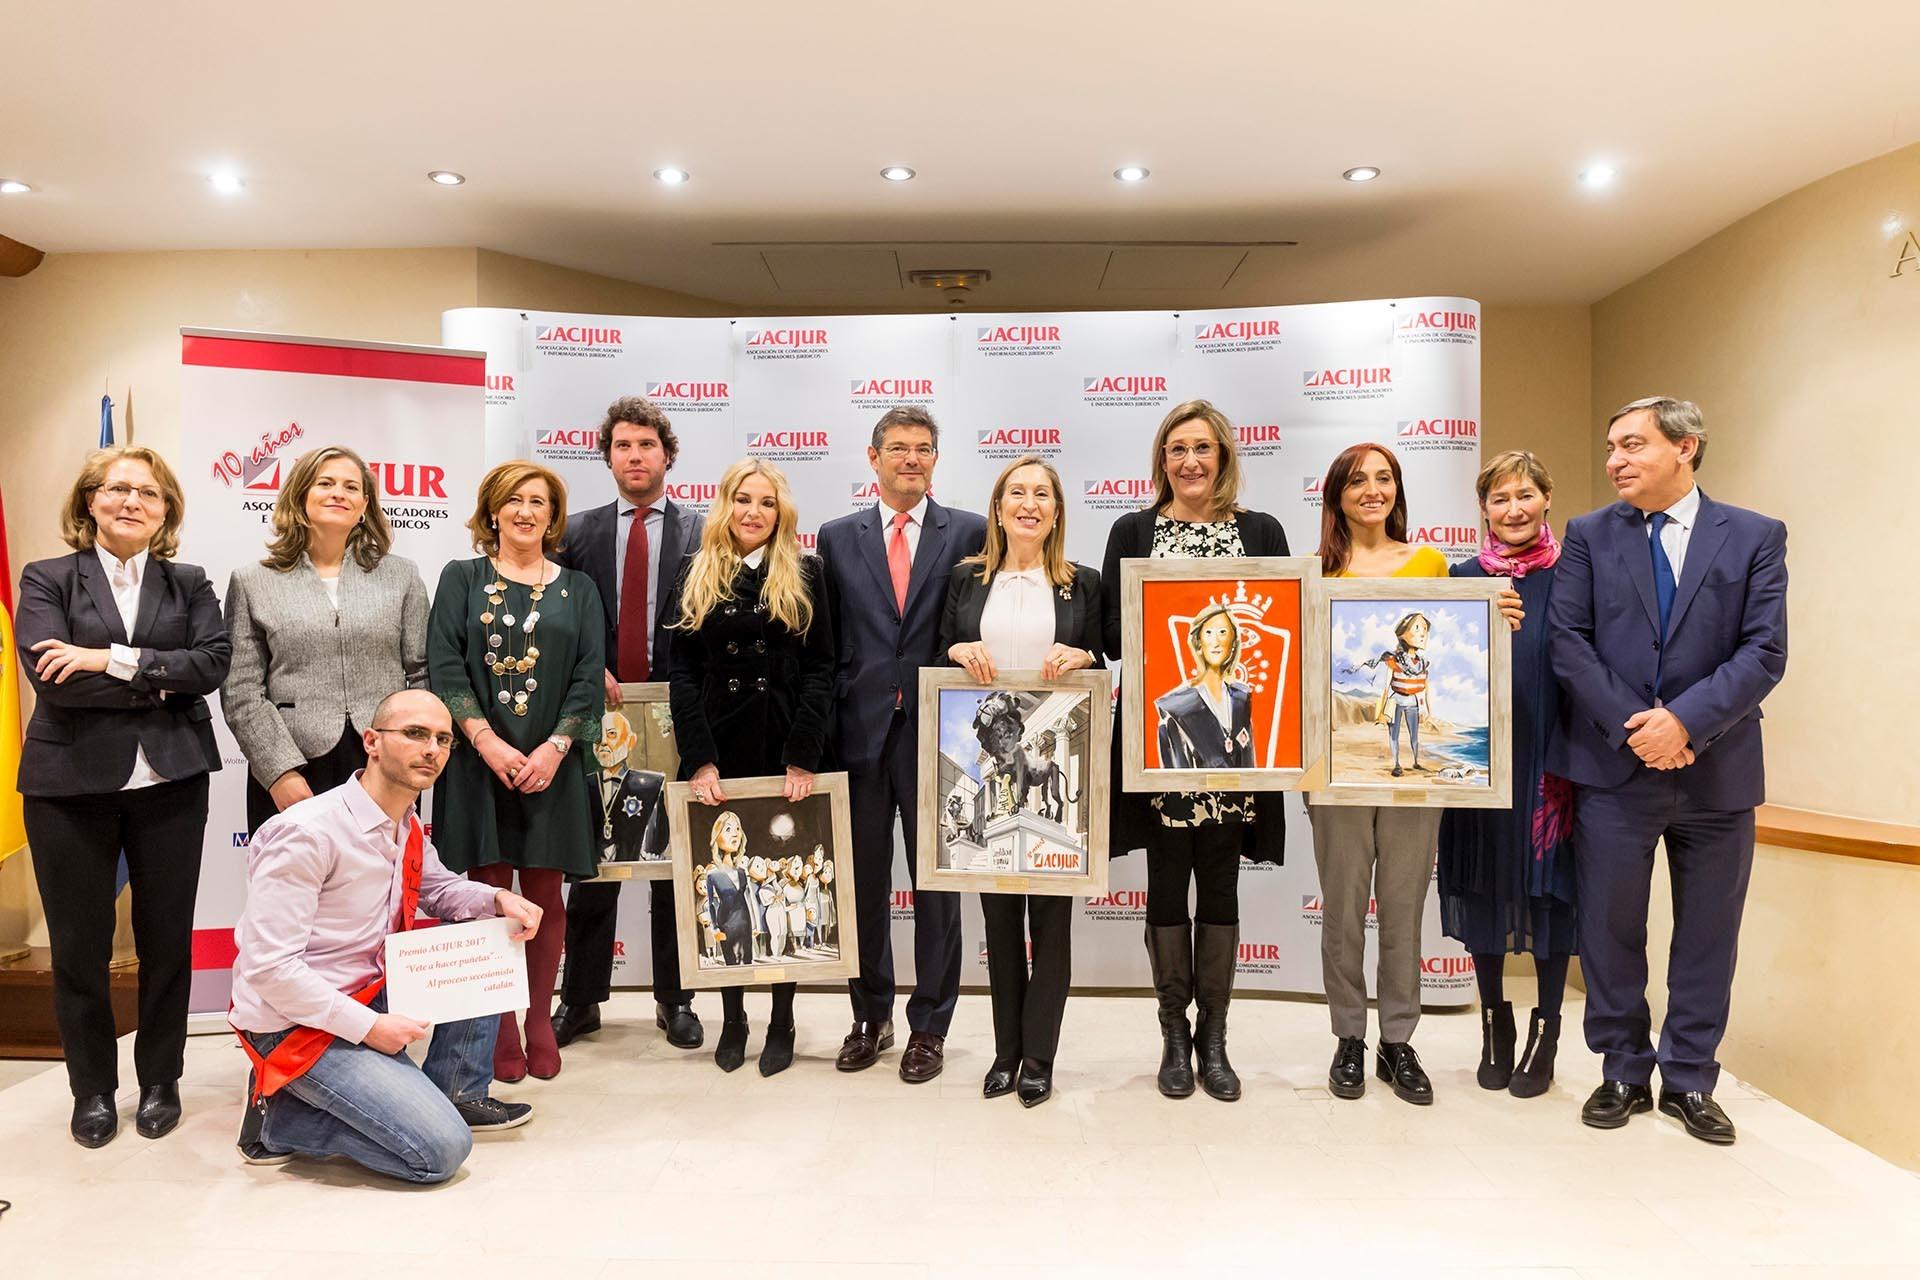 Foto Familia Premios Puñetas 2017 ACIJUR